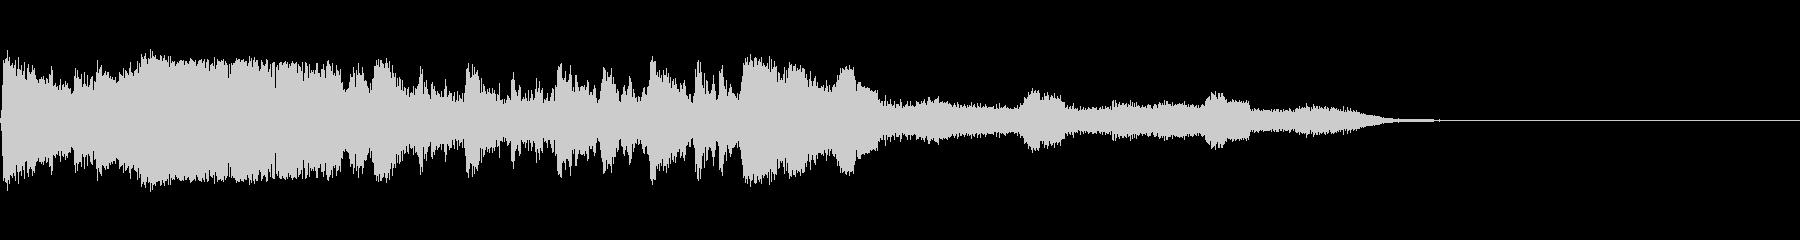 ジャンカードタグ1の未再生の波形